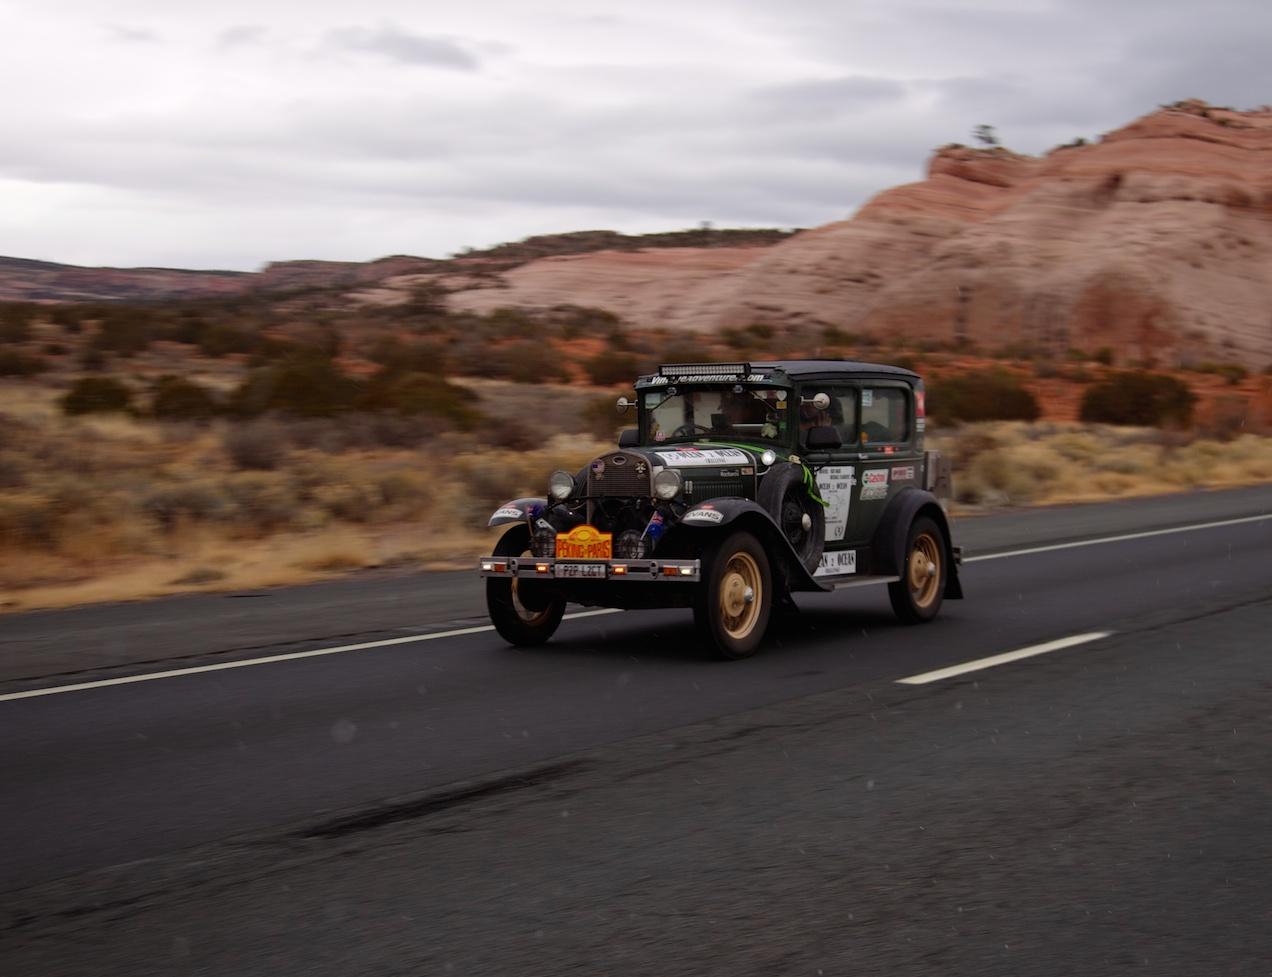 Through Arizona